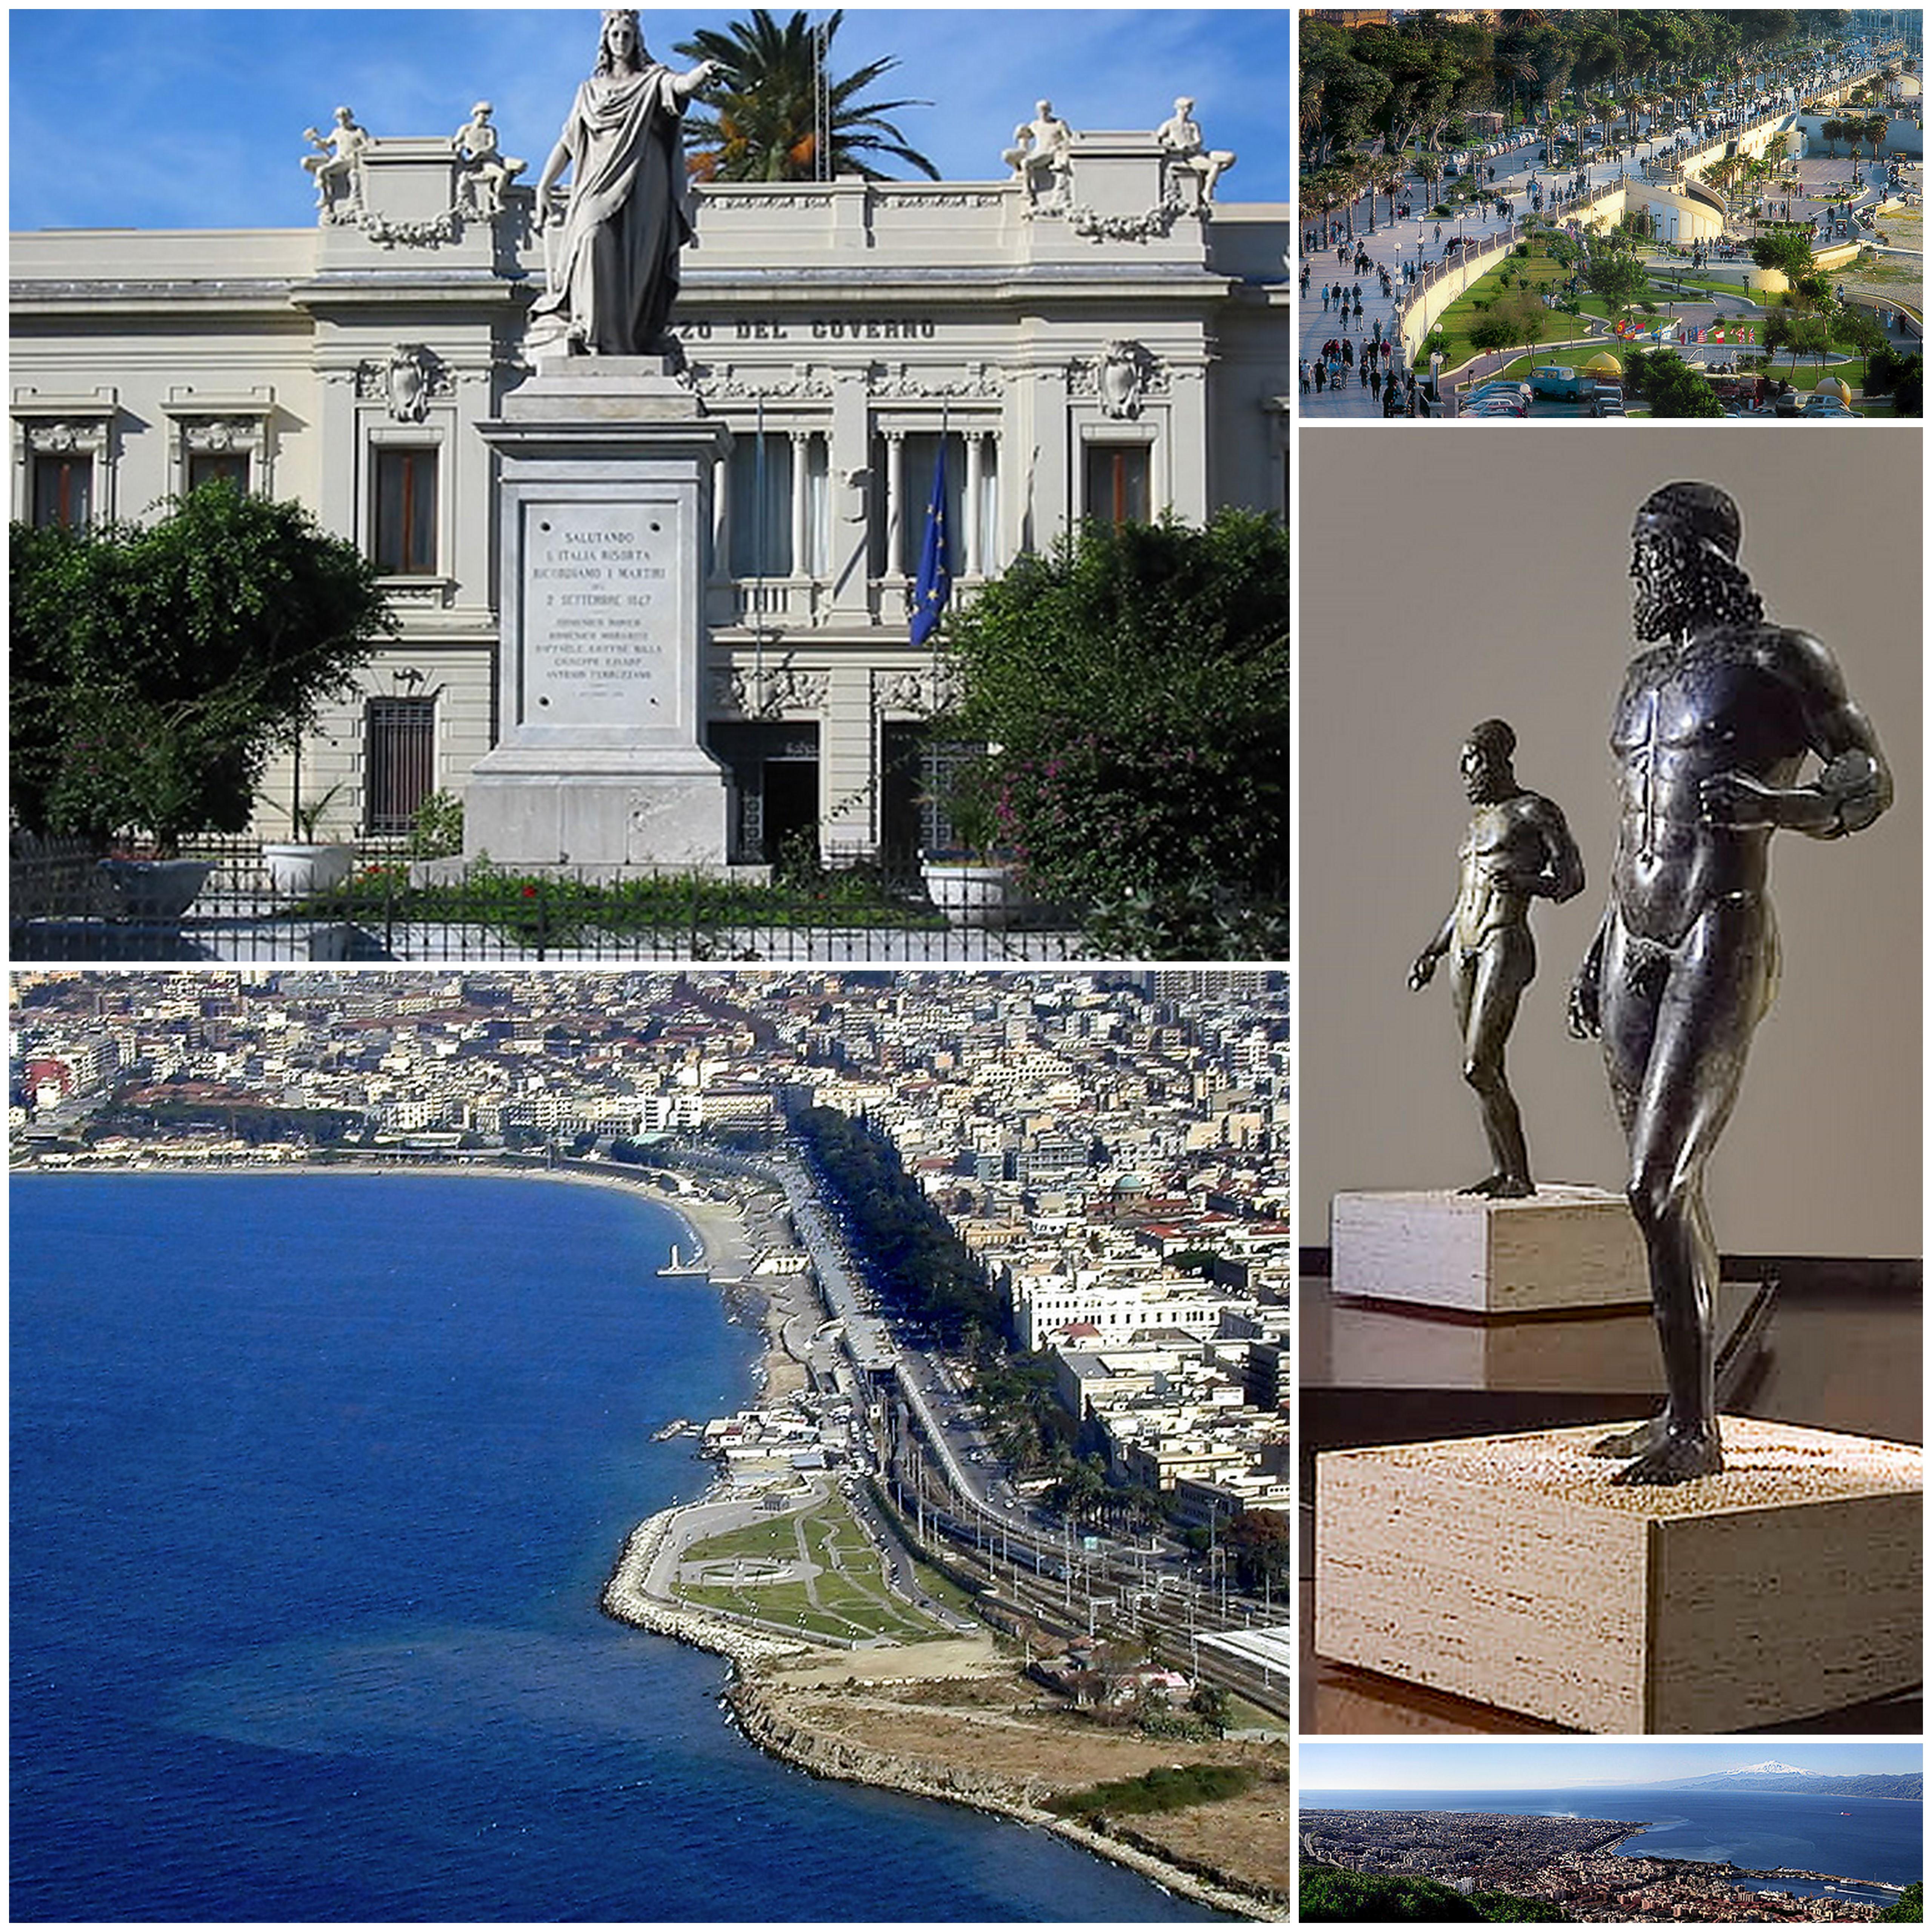 Reggio Calabria Wikipedia